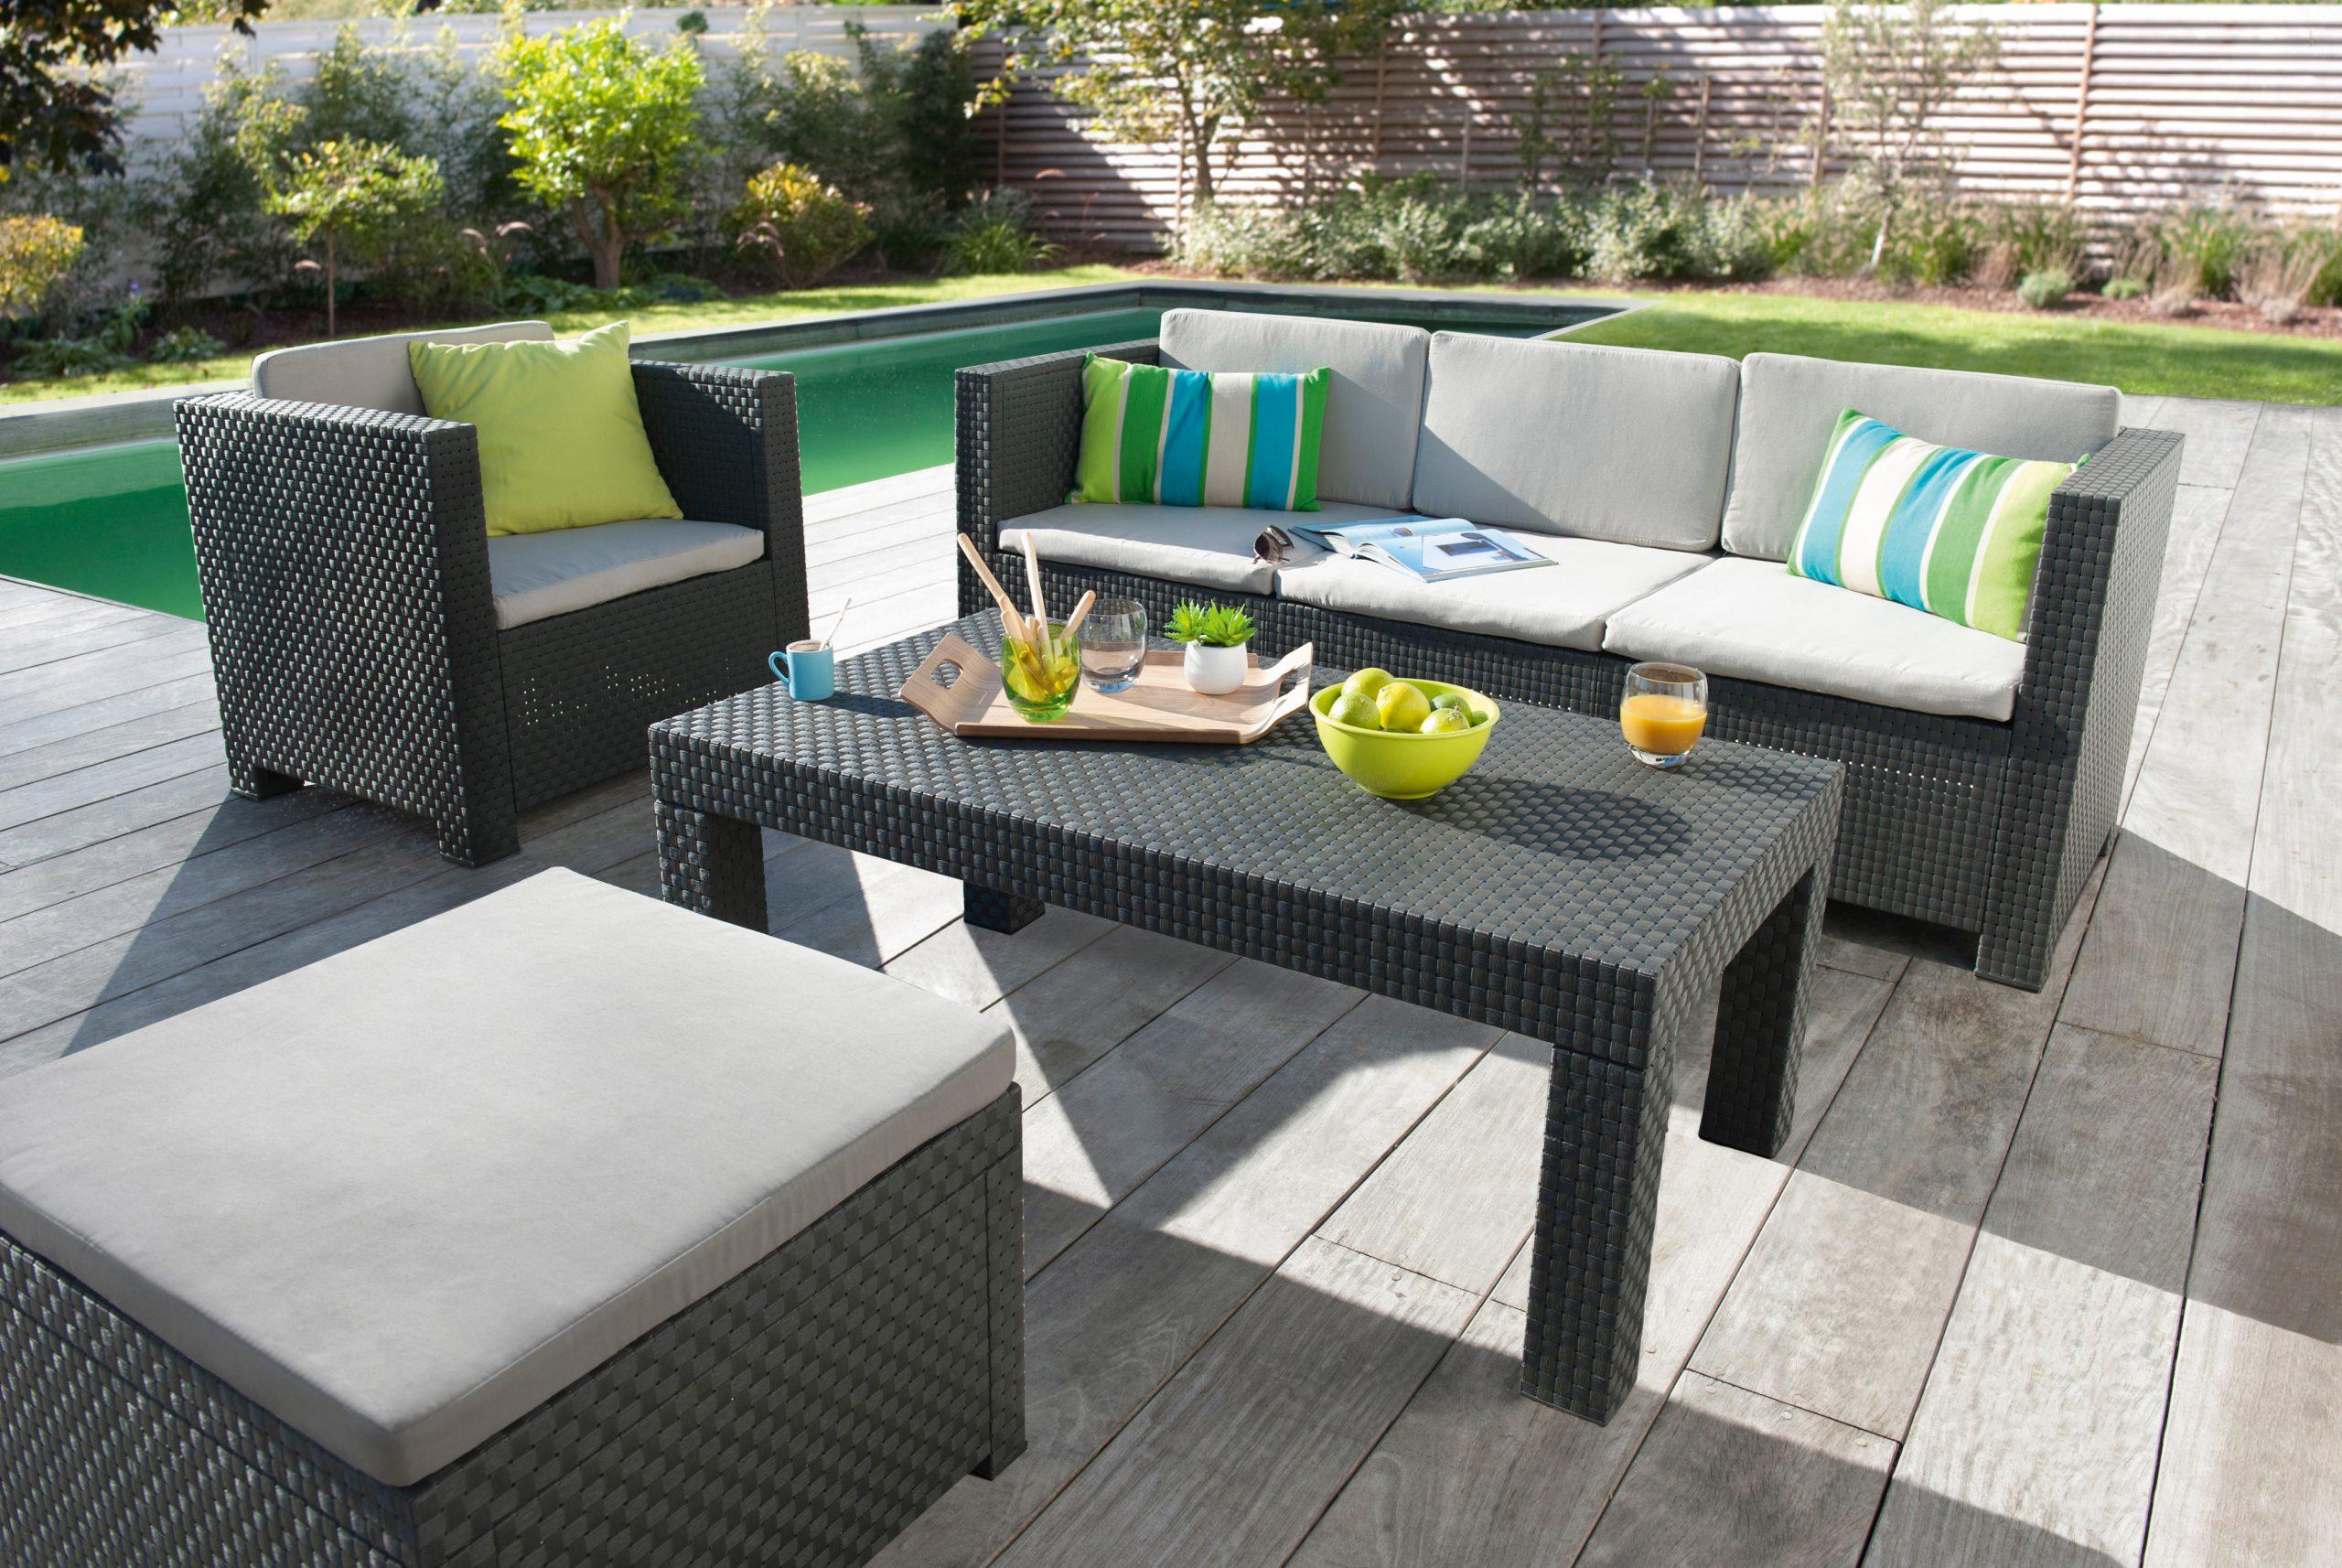 Salon De Jardin Design - Idées Salon De Jardin Confortable ... serapportantà Conforama Table De Jardin